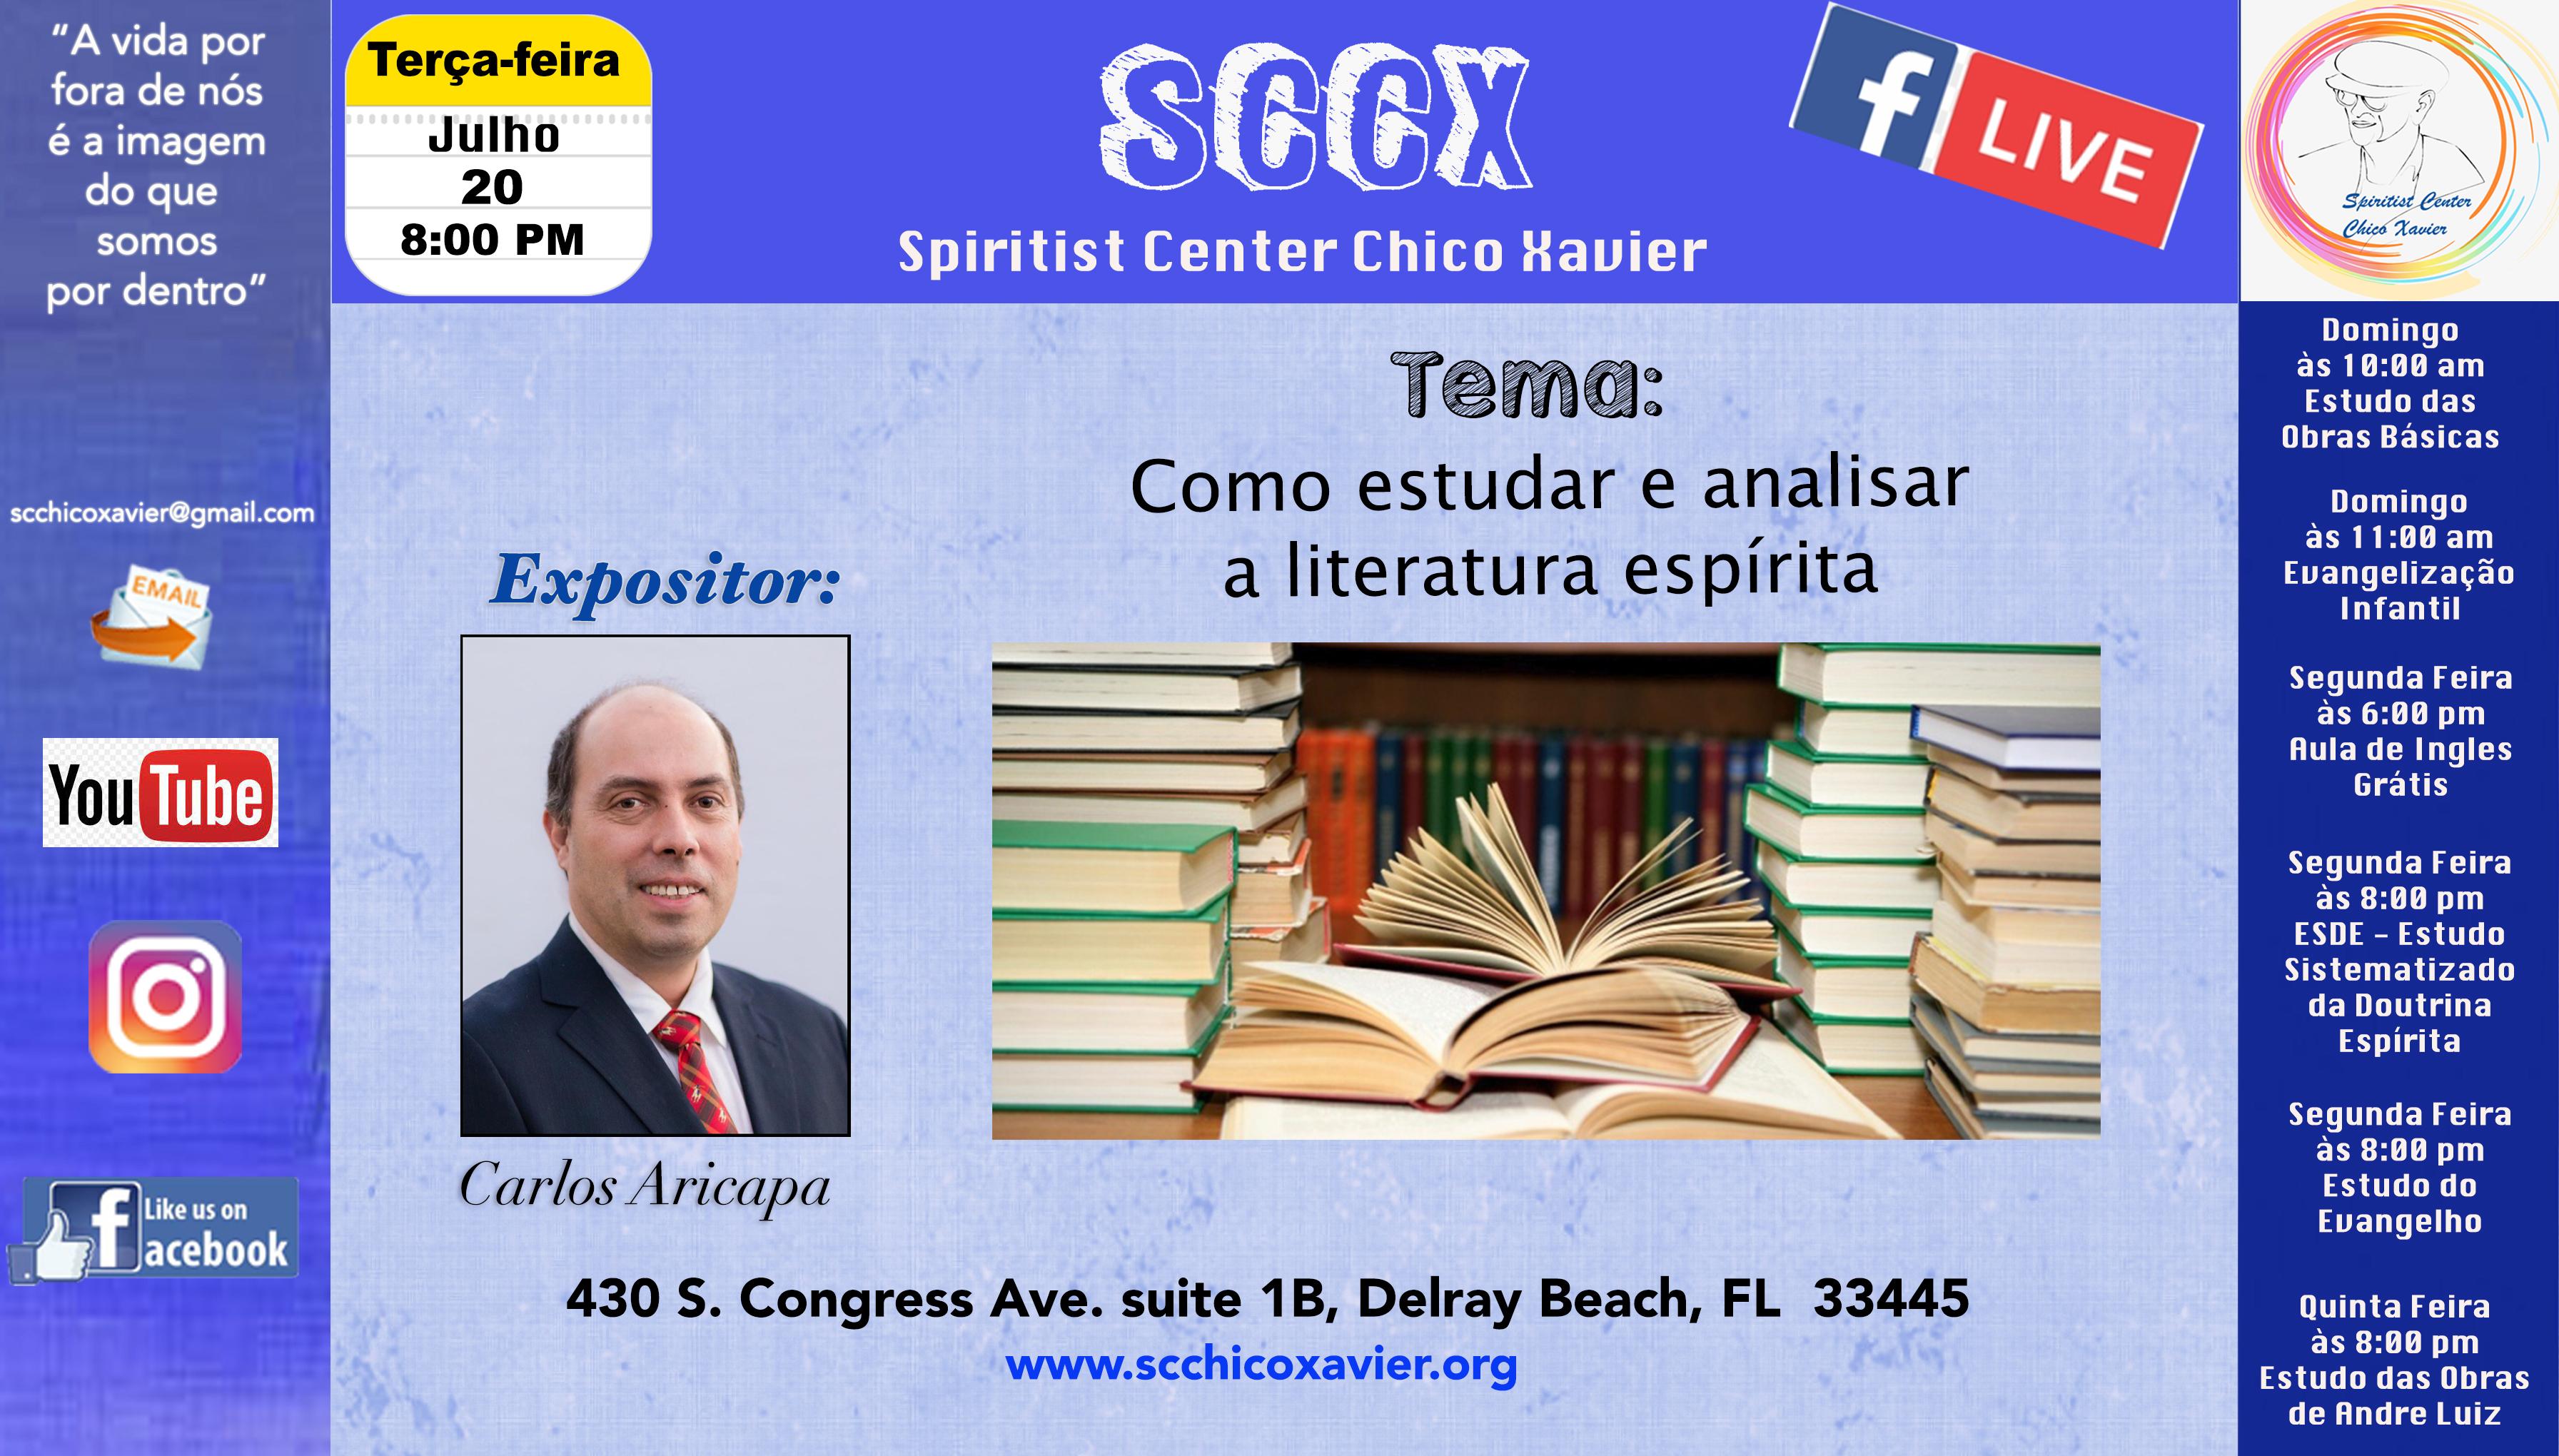 Carlos Aricapa - Como estudar e analisar a literatura espirita